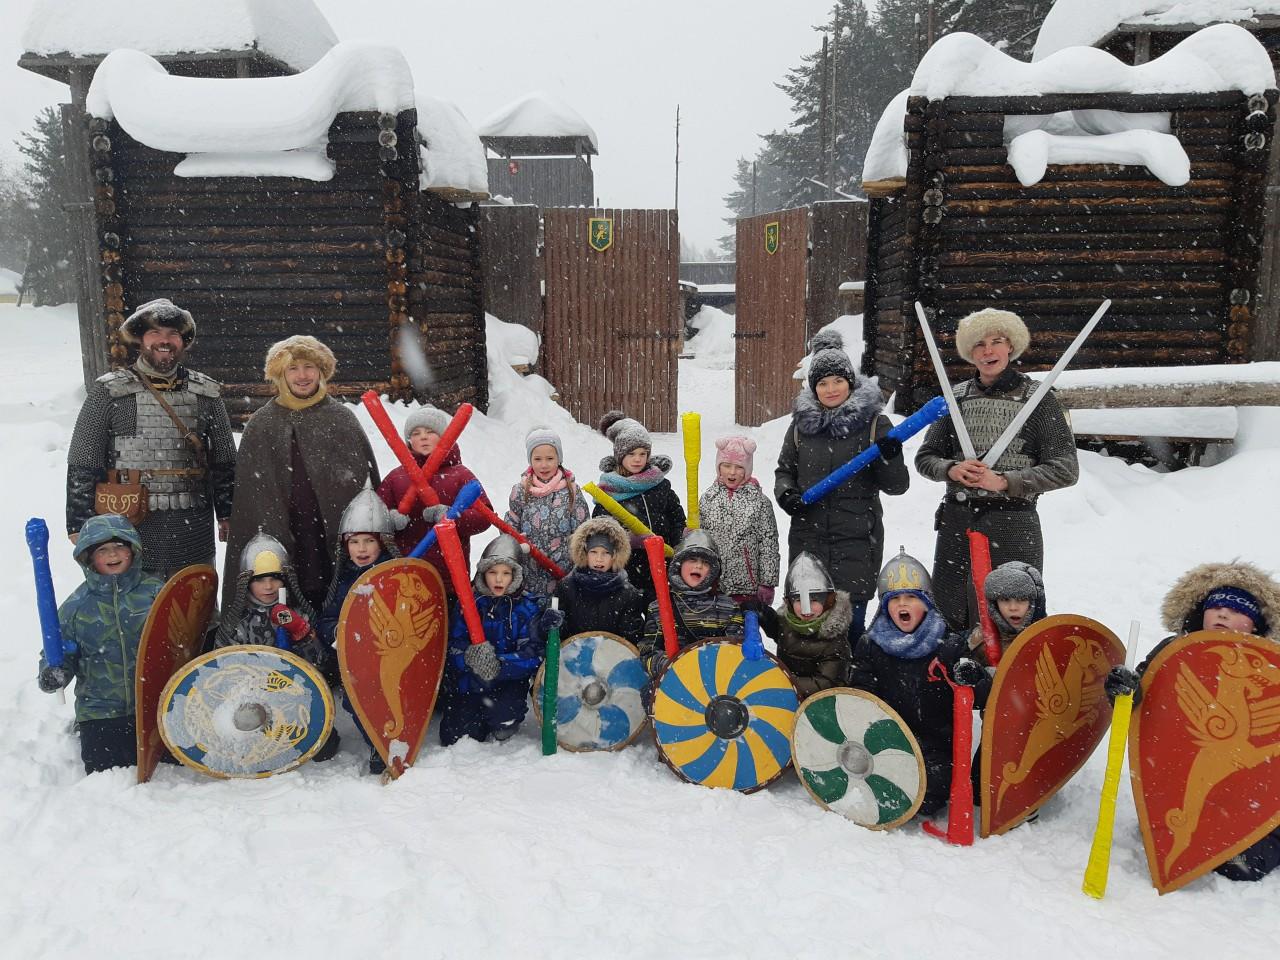 Встречаем зиму в Порошино!